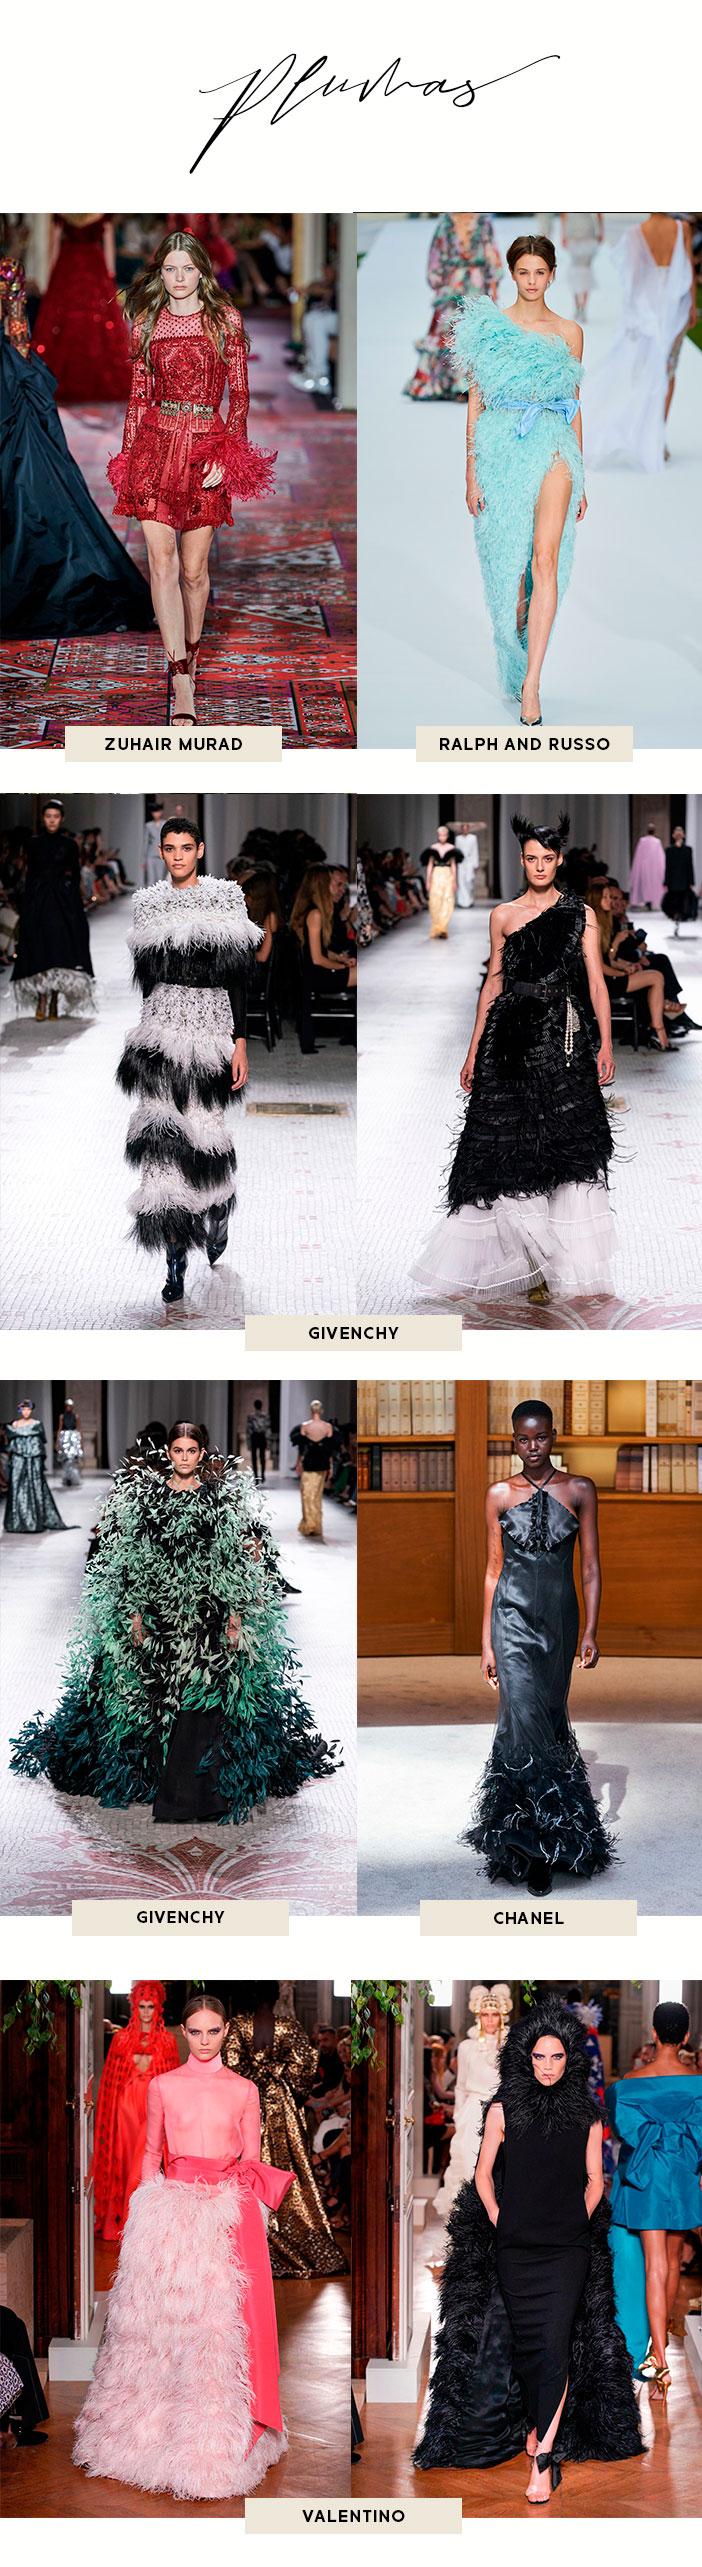 Semana alta costura Paris inverno 2019/20